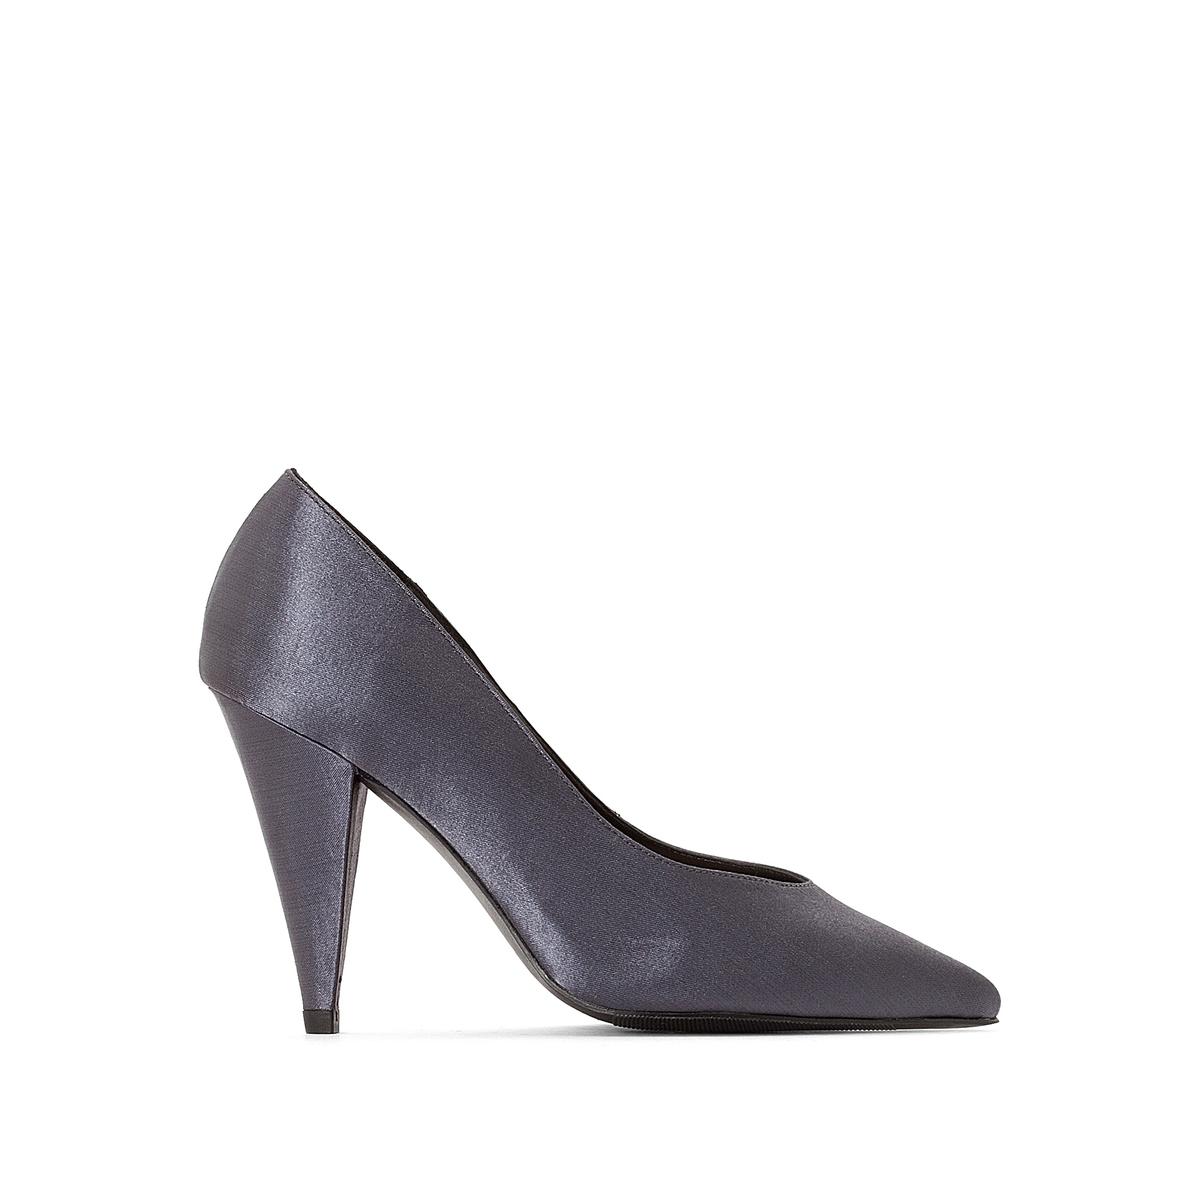 Sapatos em cetim, biqueira pontiaguda